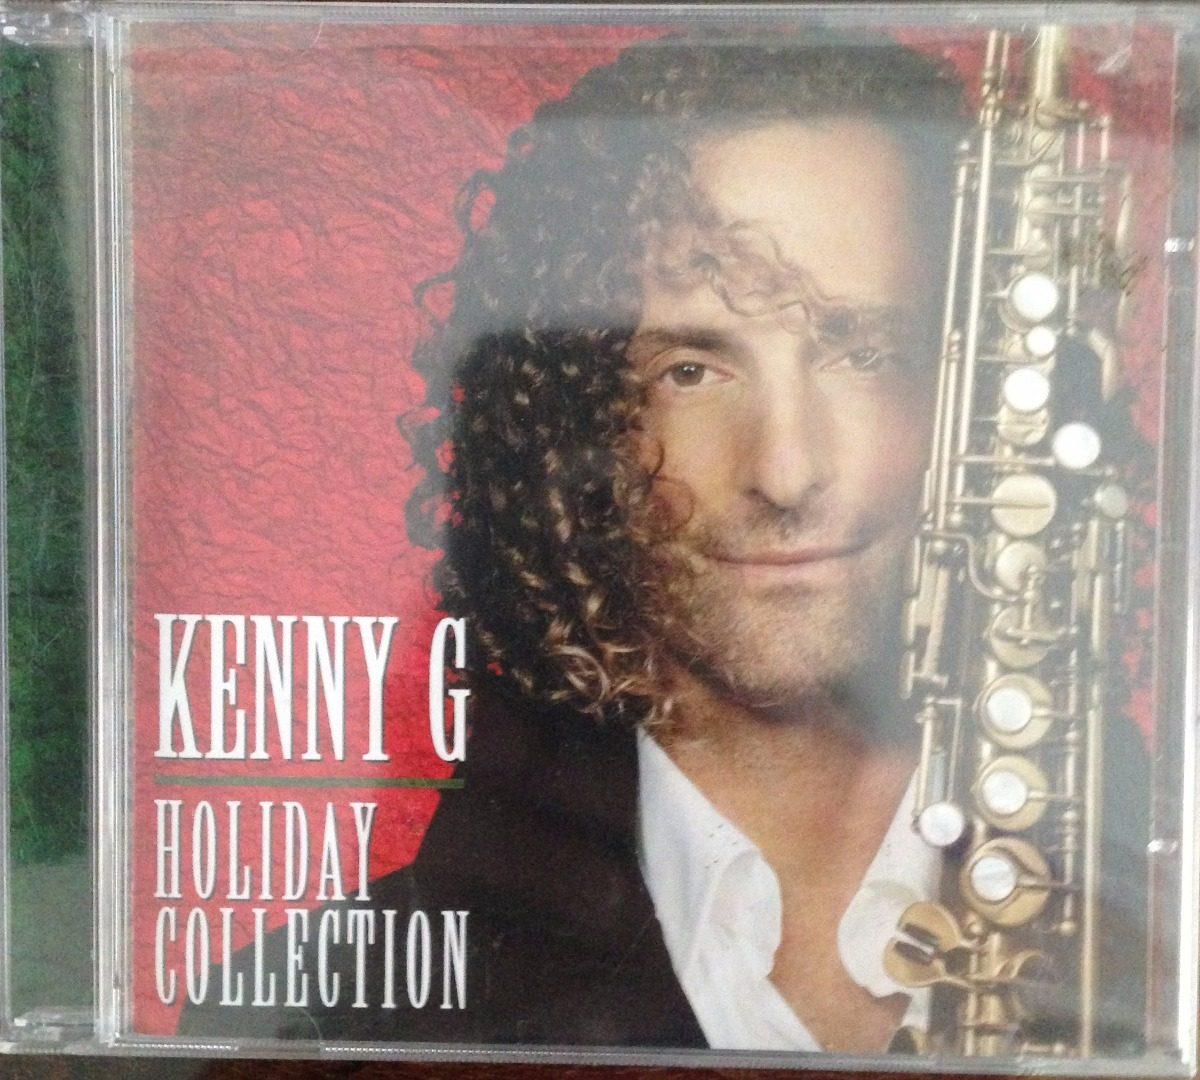 Cd Kenny G - Holiday Collection - Bs. 20,00 en Mercado Libre